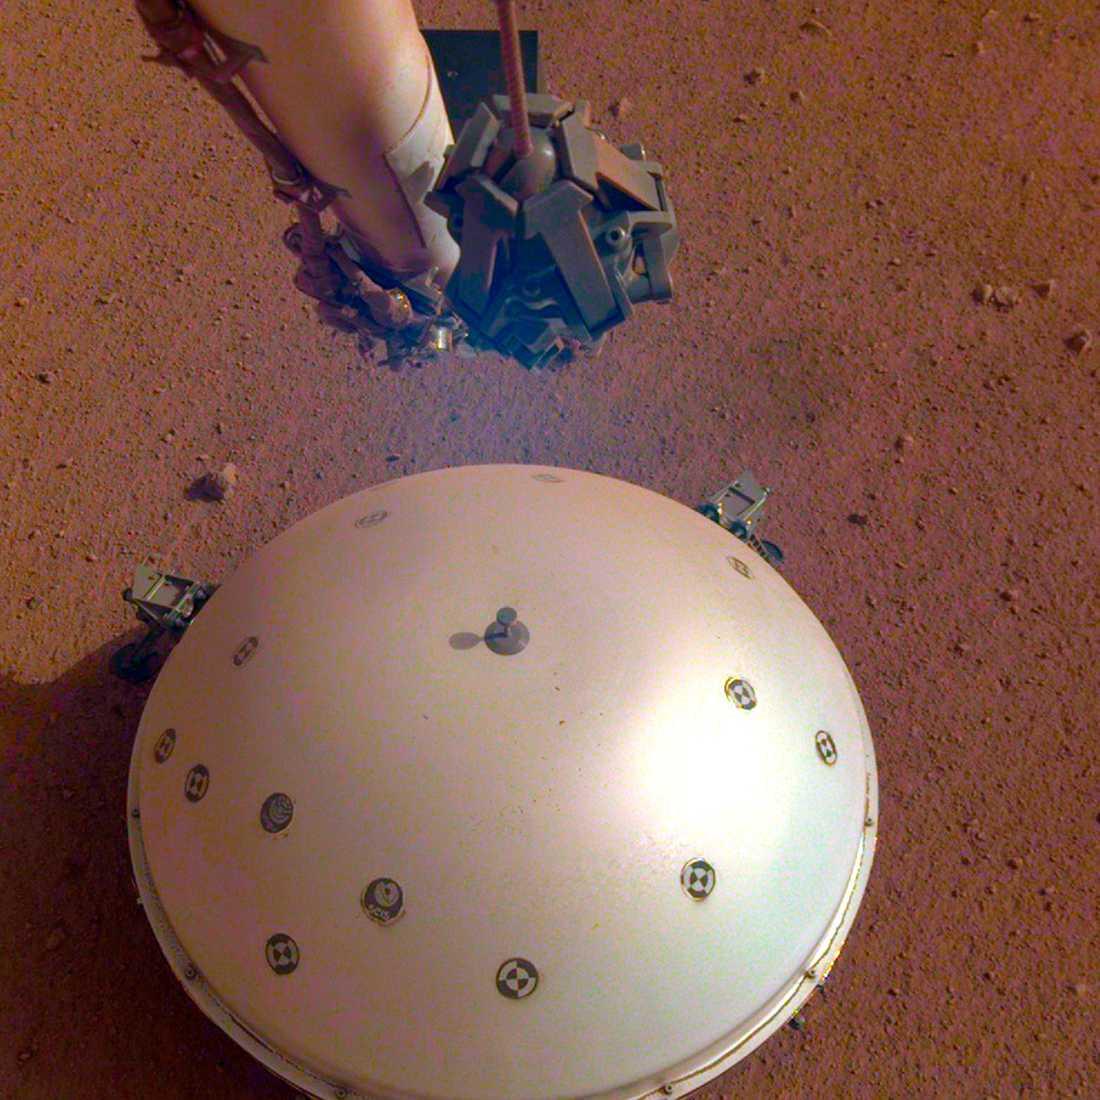 Insights landare med den värme- och vindsköld som ska skydda seismografen.